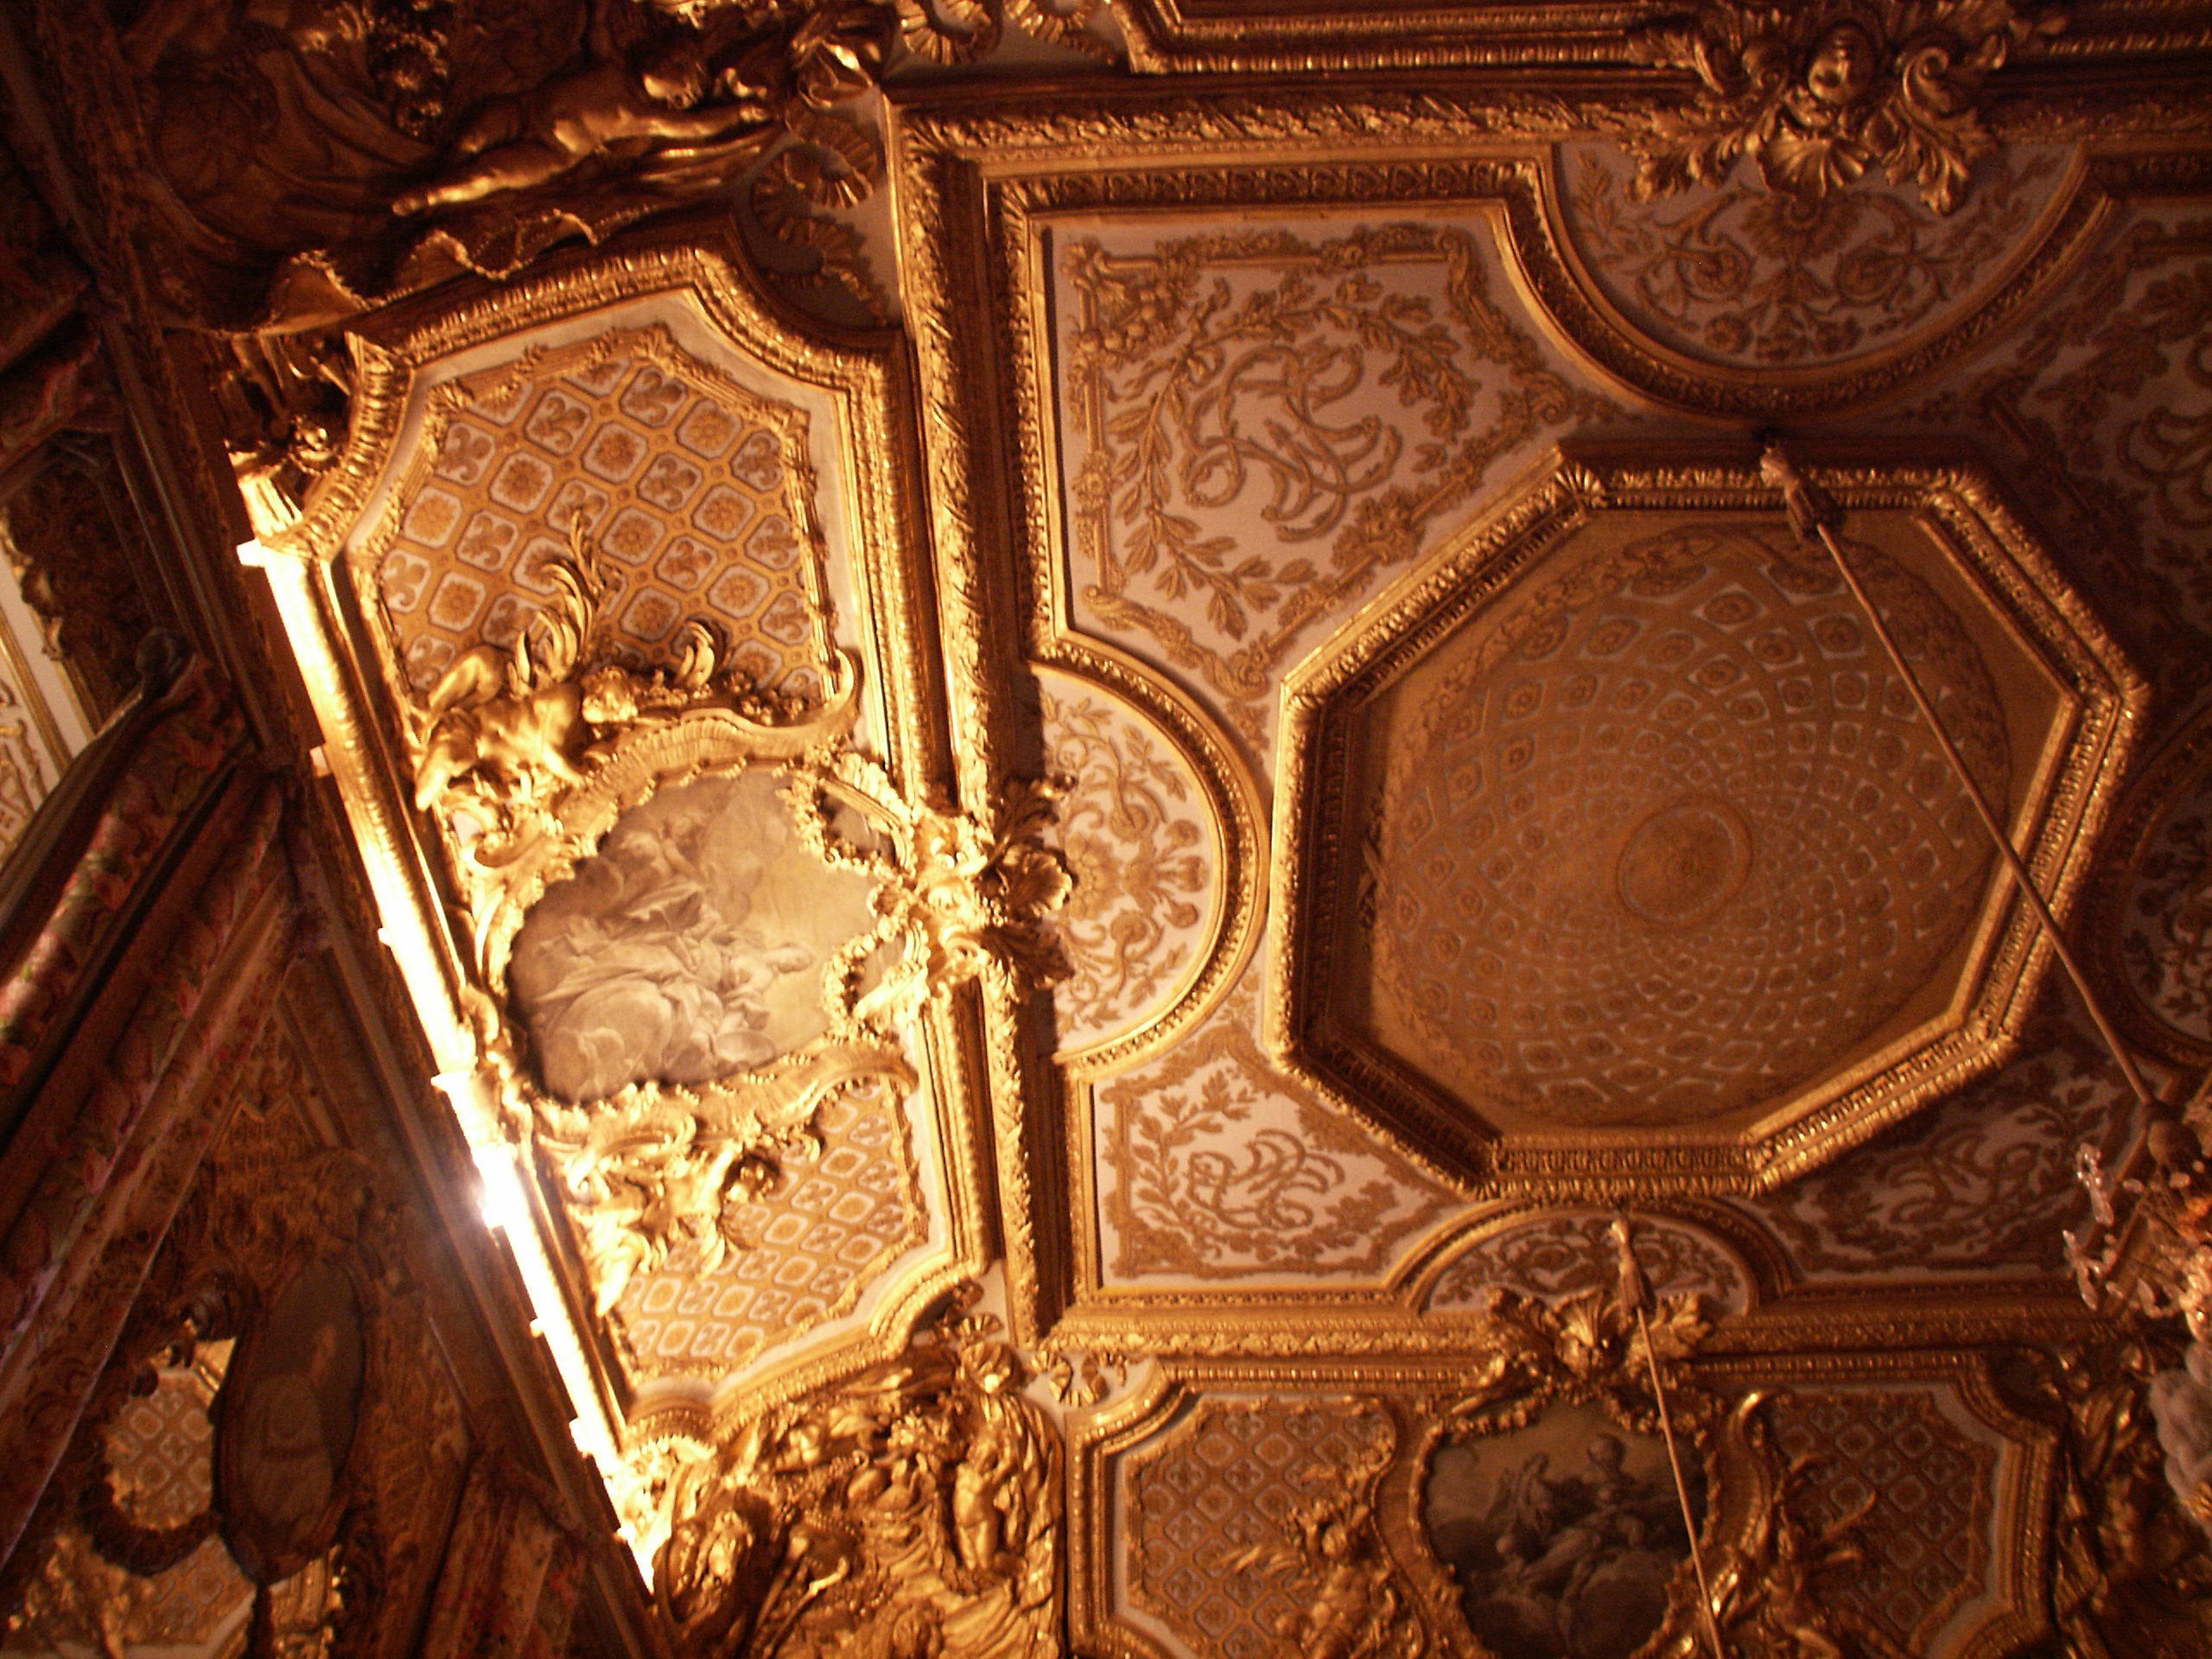 Chambre de la reine - Chambre des notaires de france ...